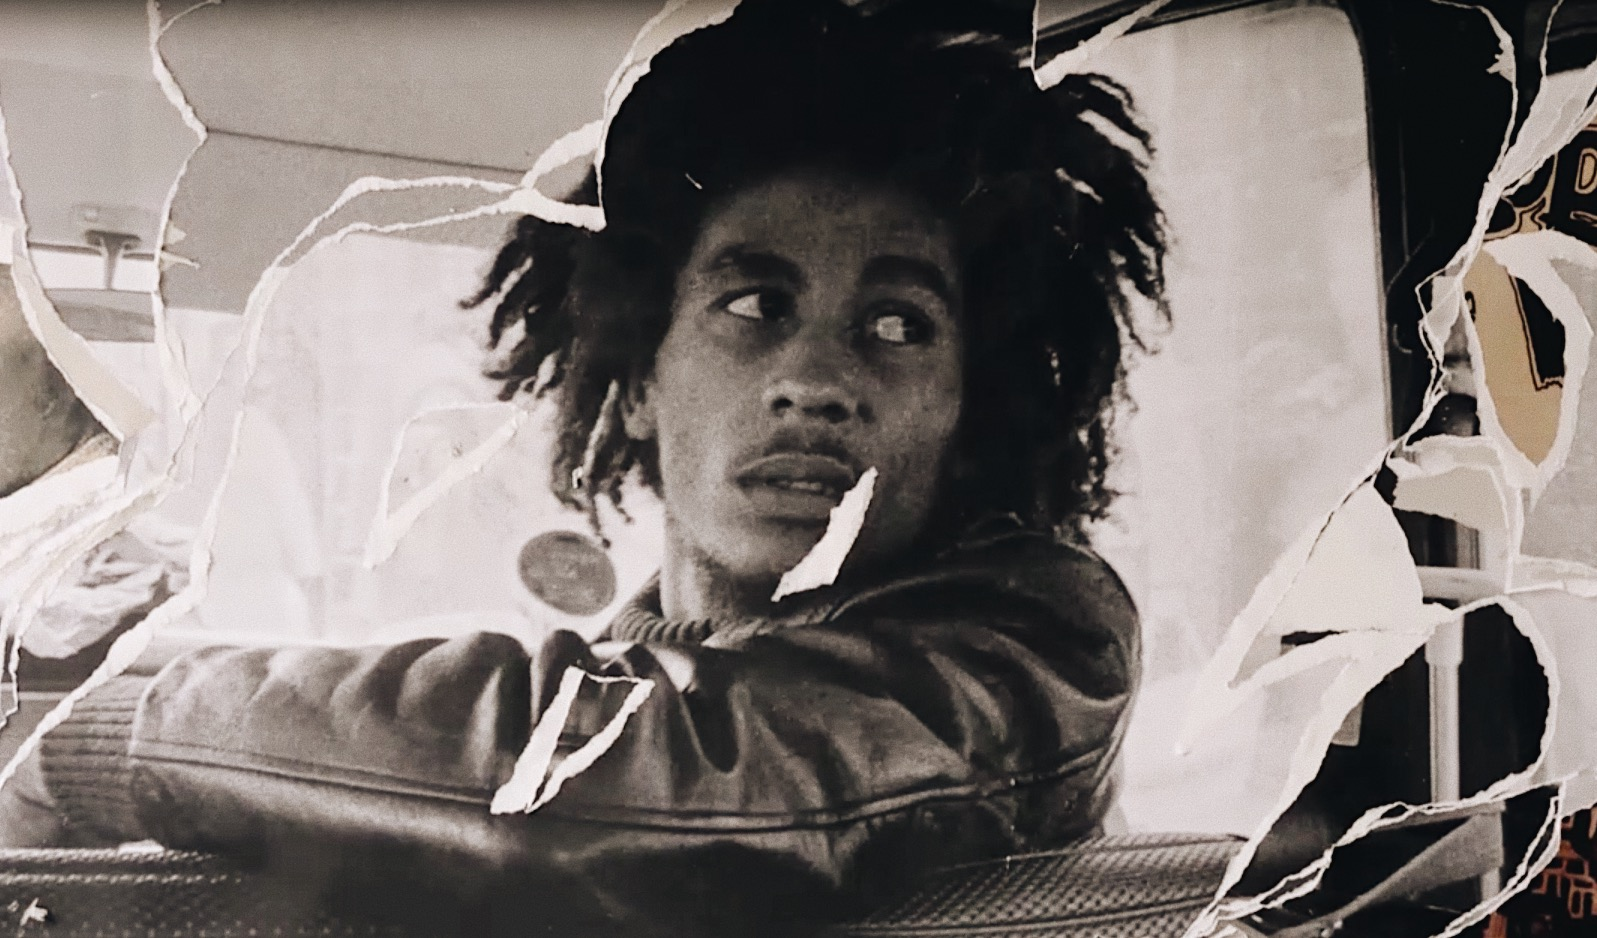 Der Film zeigt Marley nicht als strahlenden Helden. Besonders in den 70er Jahren, als Jamaika kurz vor einem Bürgerkrieg steht, irrt dieser Mann, der in seiner Musik immer richtig und falsch benennt, durch sein Leben. Nicht nur von Frau zu Frau. Er ist mit Politikern befreundet, deren Unmoral er in seinen Songs geißelt. Er duldet Gangster in seinem Umfeld, obwohl er Gewaltlosigkeit predigt. Am Ende stirbt er, weil er sich kraft seines Glaubens weigert, die Krebserkrankung ernst zu nehmen.